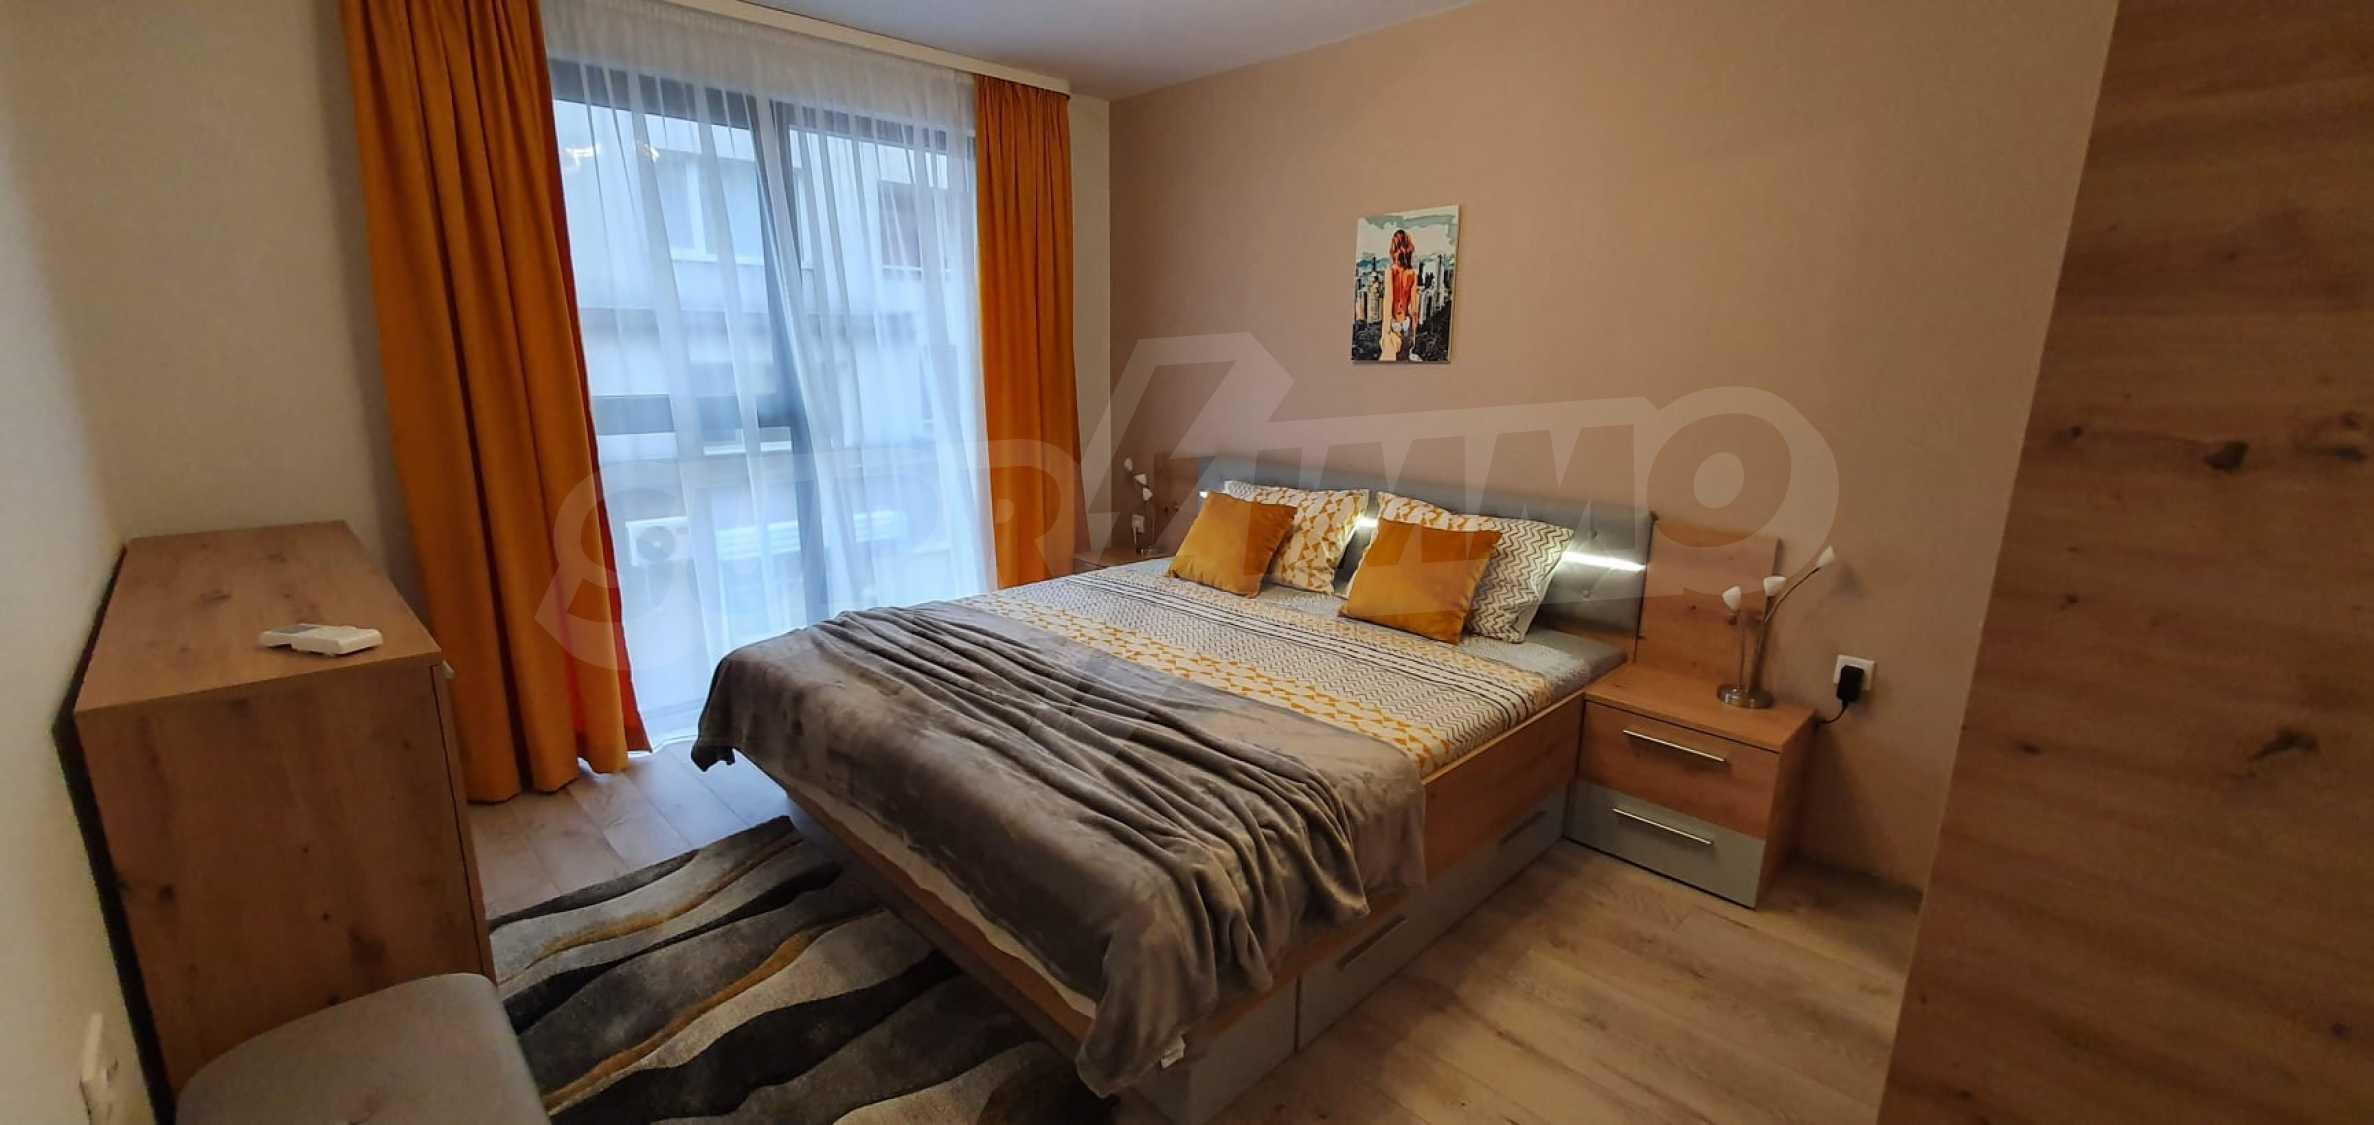 Новая стильно меблированная двухкомнатная квартира в Пловдиве, Центральный район, Каменица 9